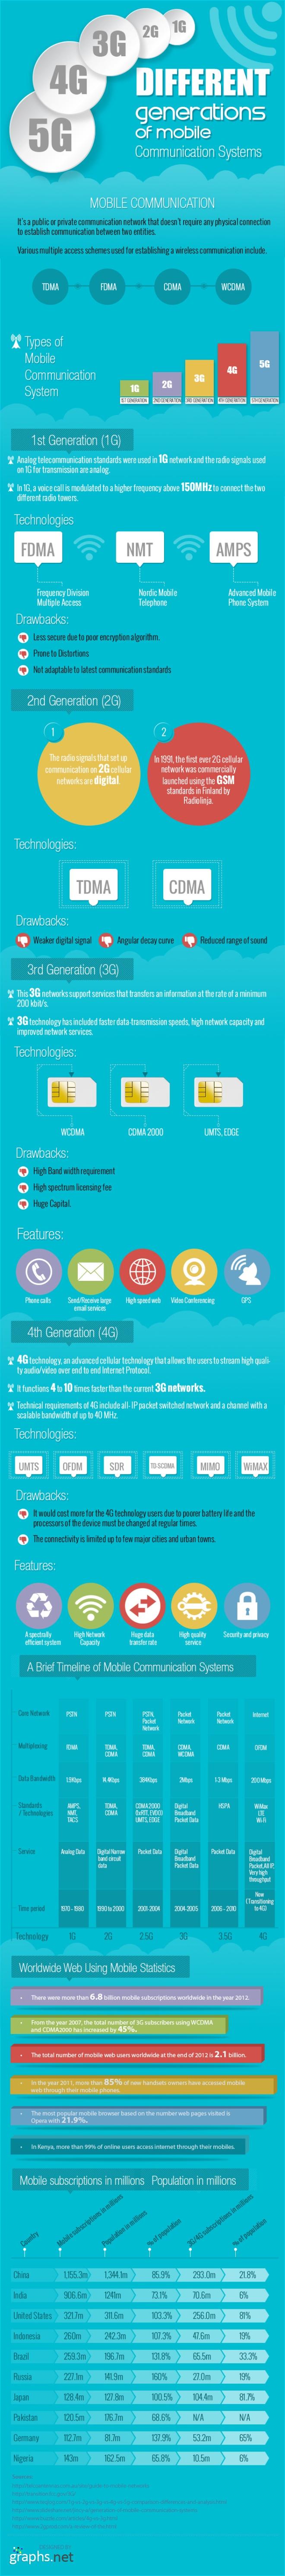 Graphs. net, G, 2G. 3G, 4G